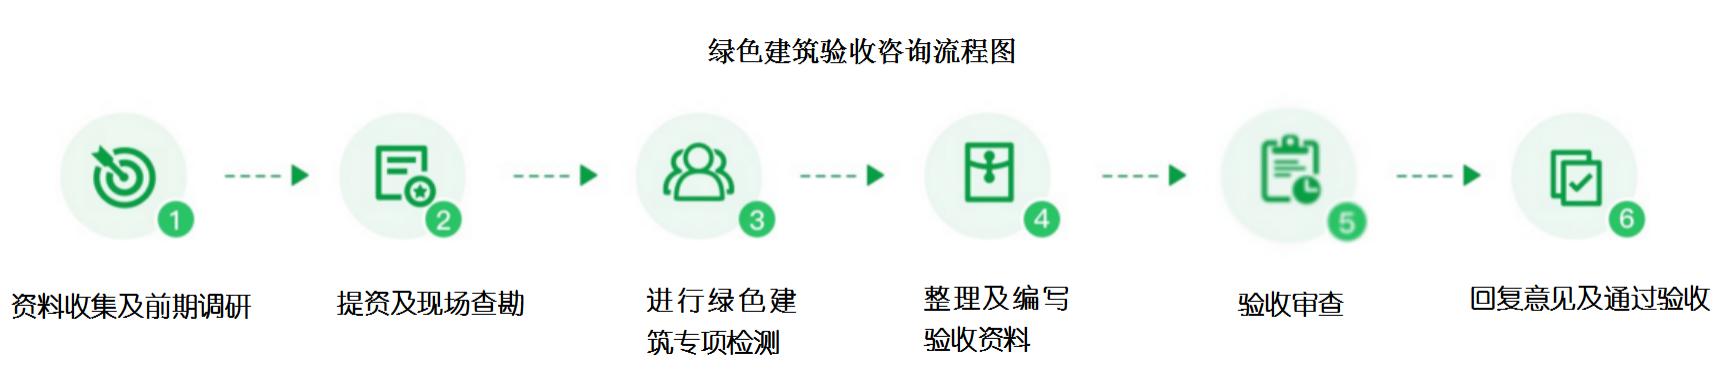 绿色建筑验收咨询流程图_01_wps图片.png